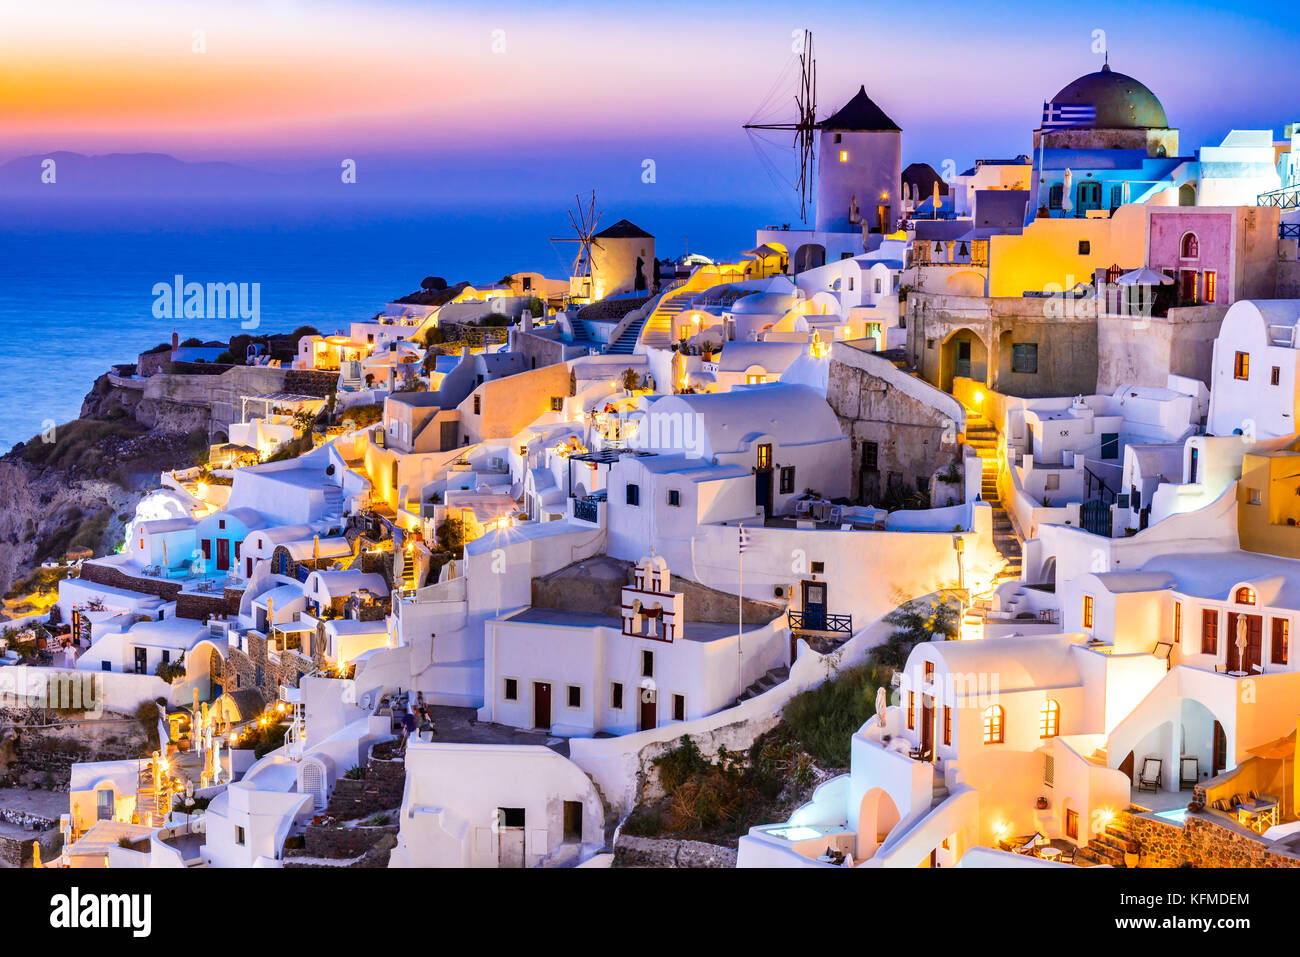 Oia, Santorin - Griechenland. Idyllischen Reiz des weißen Dorf mit gepflasterten Straßen und Windmühlen, Stockbild